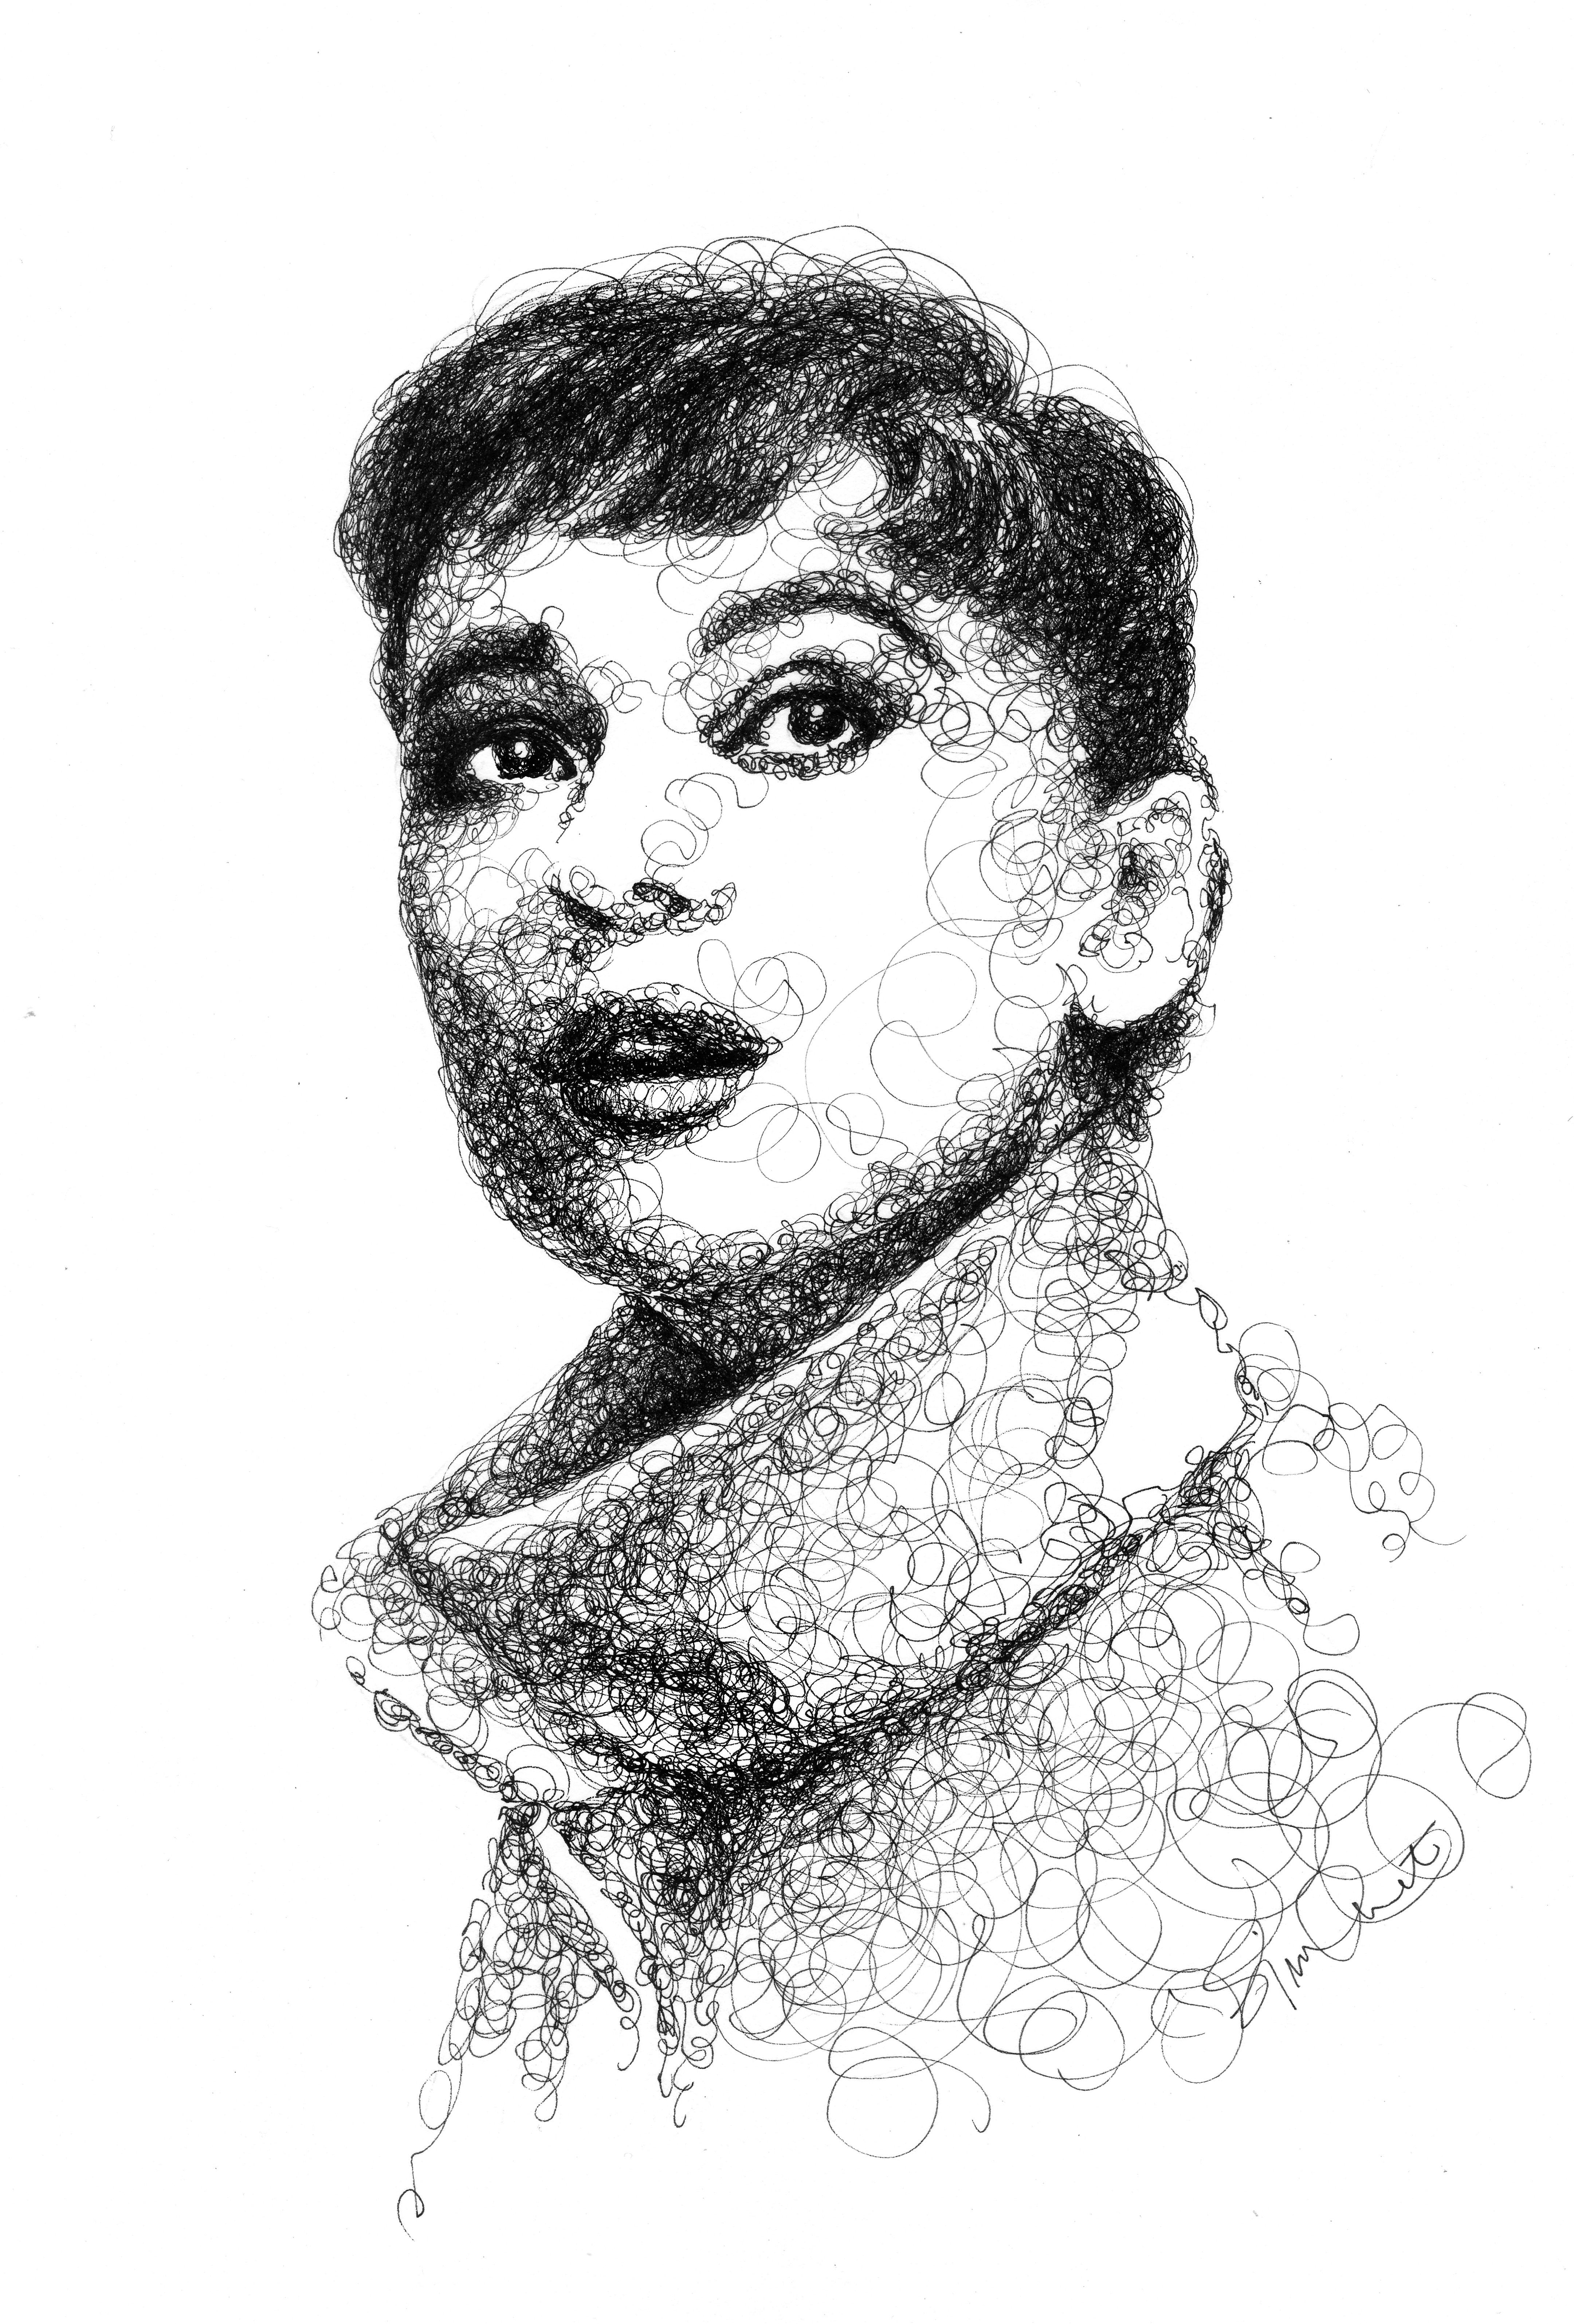 Scribble Pen Drawing : Audrey hepburn pen ink drawing scribble portrait